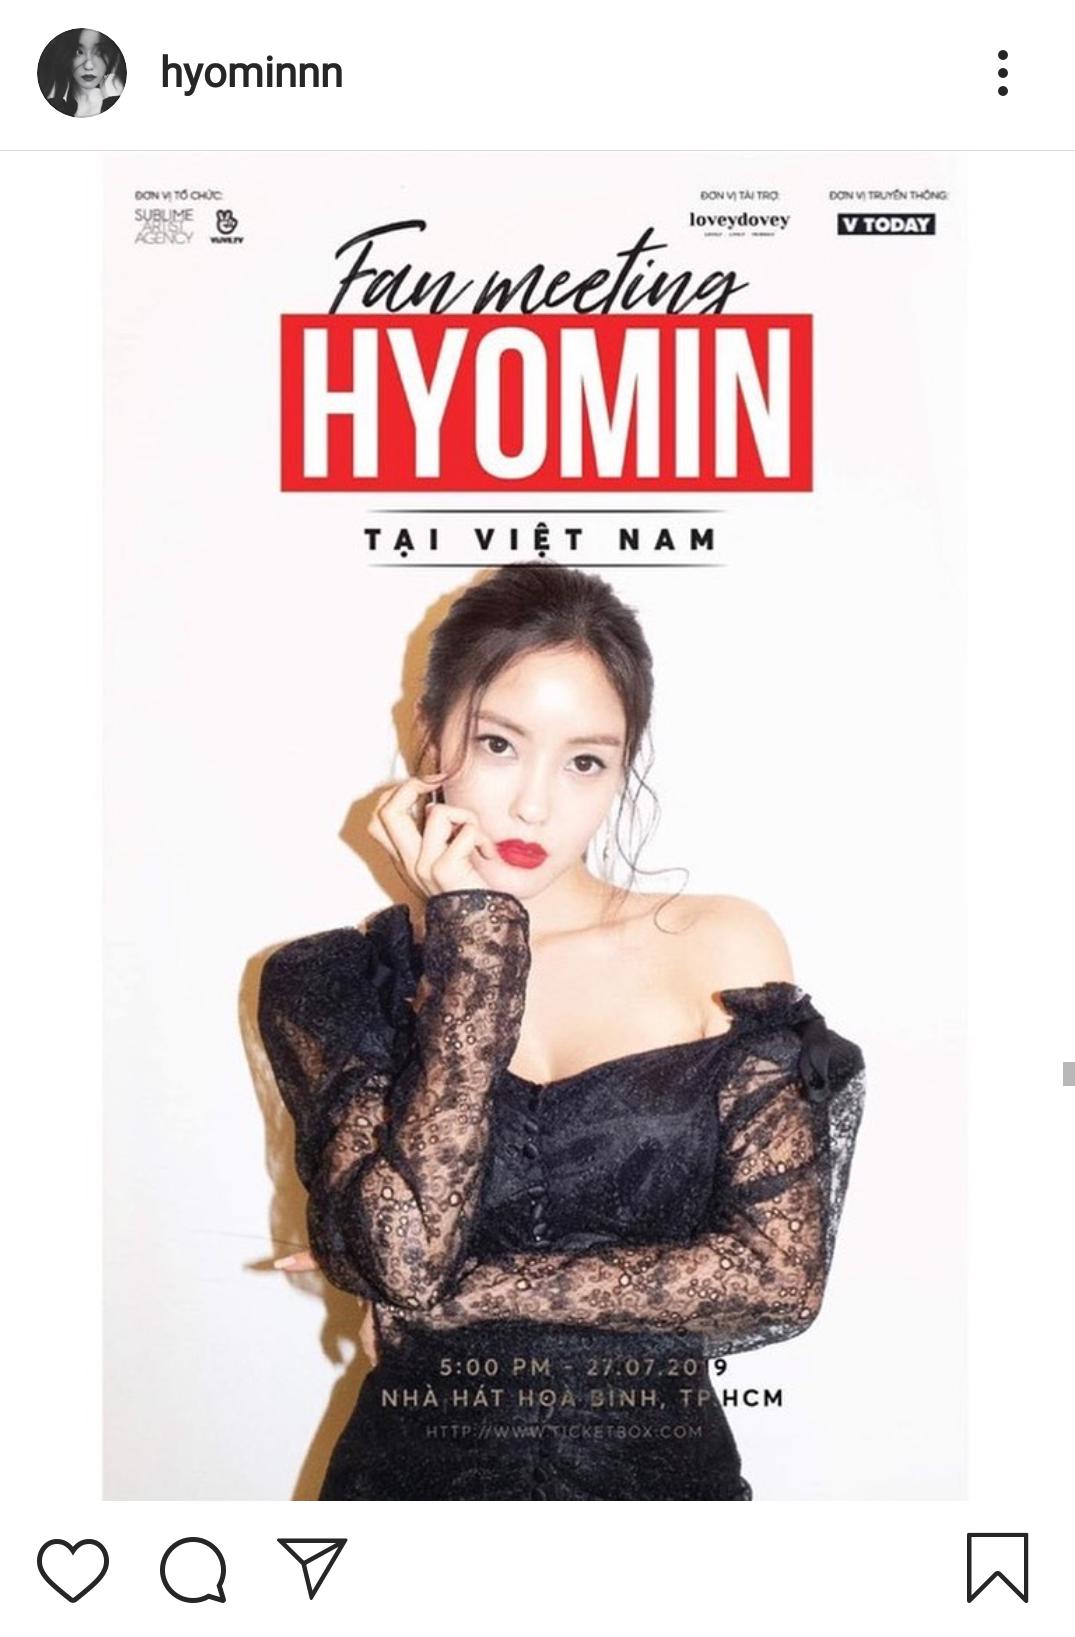 Bài thông báo fanmeeting in Vietnam trên instagram của HyoMin